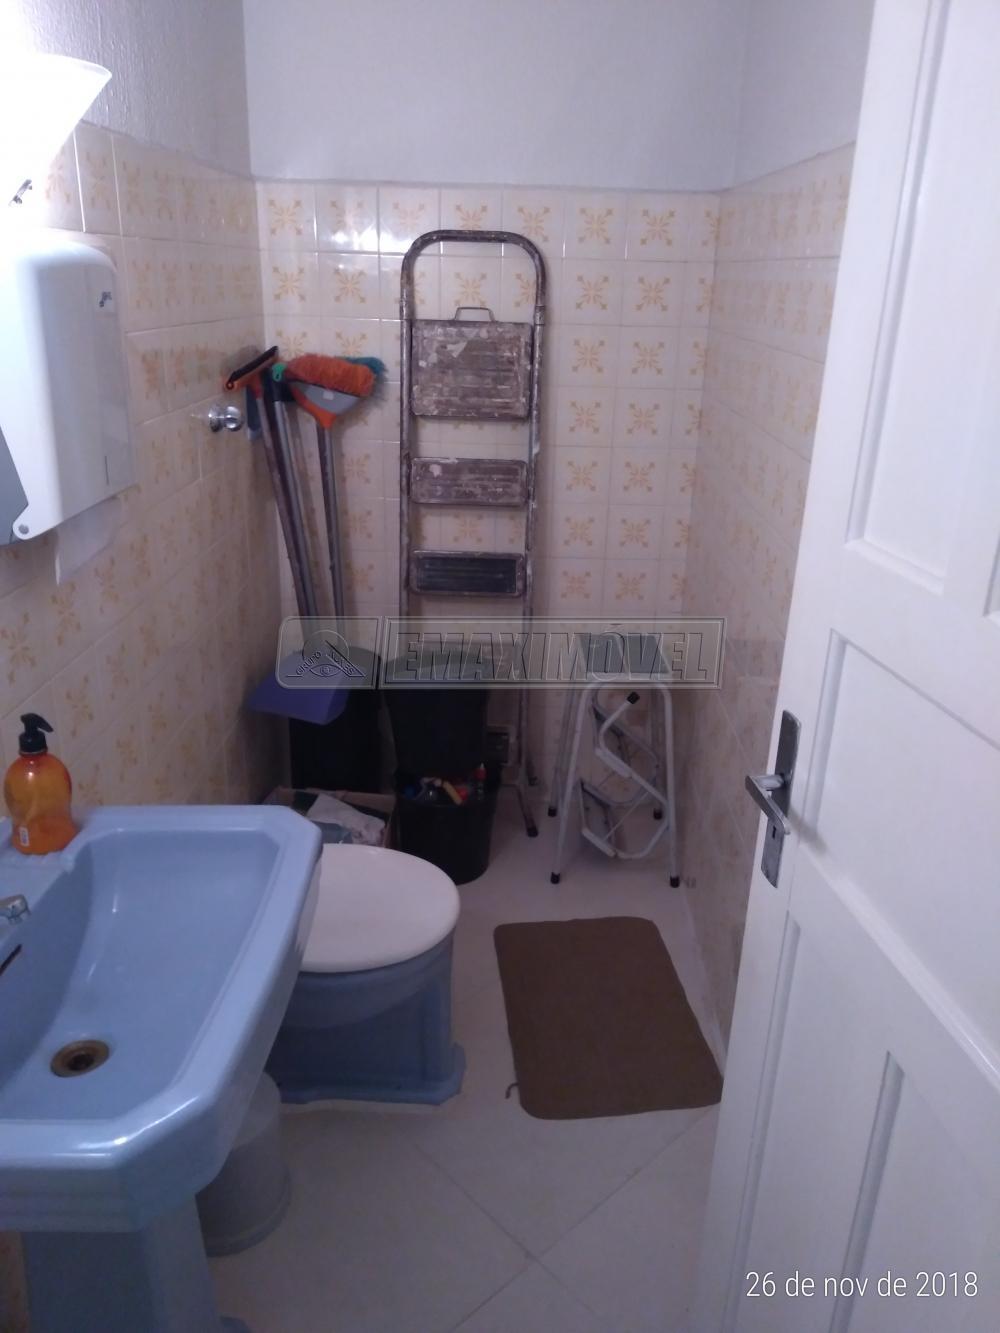 Alugar Casas / Comerciais em Sorocaba apenas R$ 3.000,00 - Foto 12